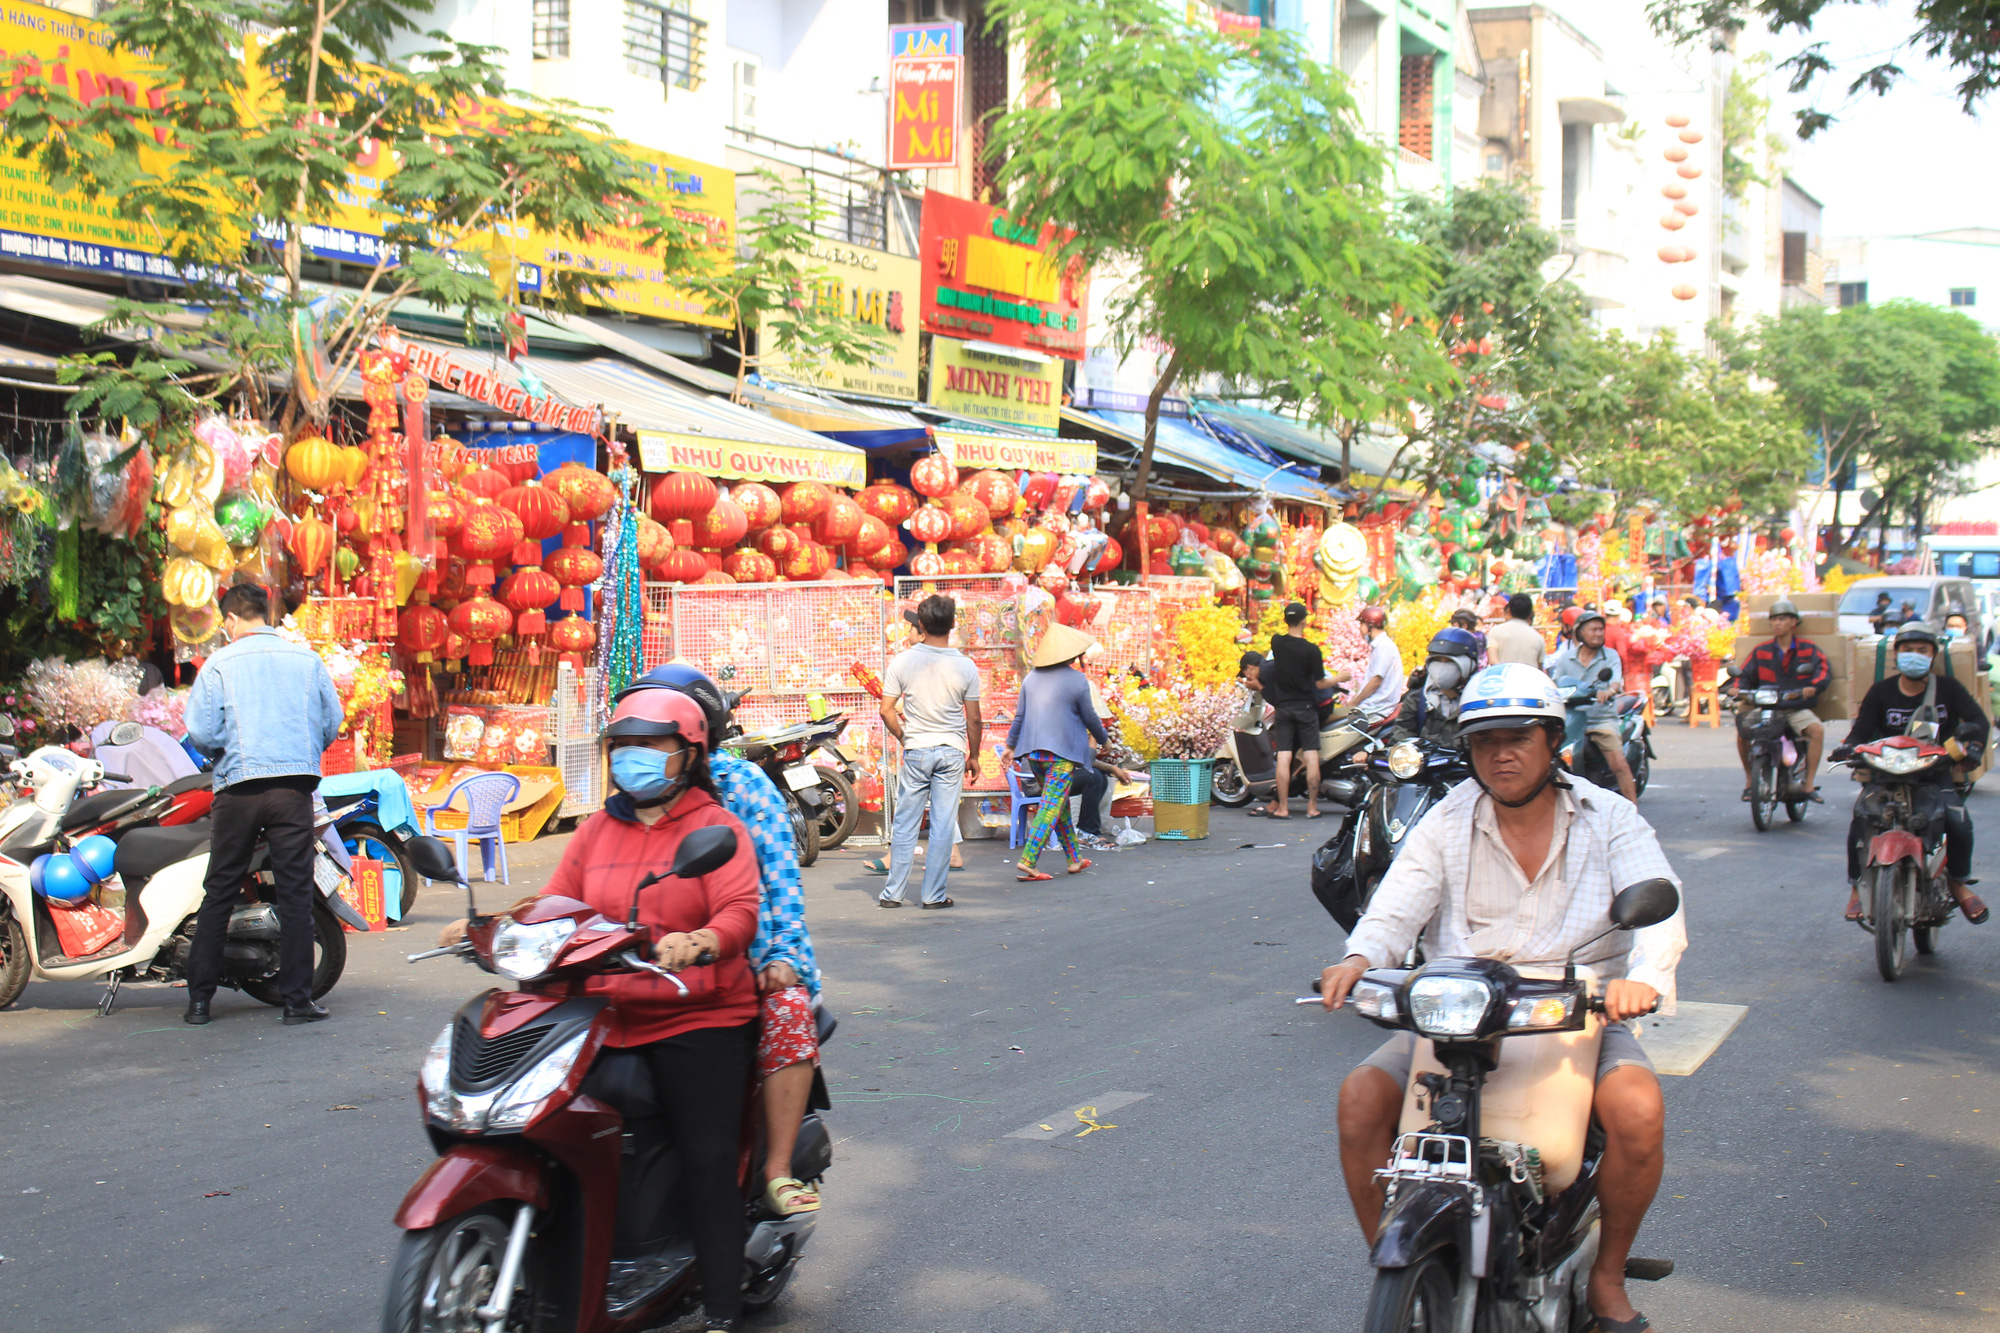 Giới trẻ check-in tuyến đường tết đỏ rực ở Sài Gòn, người bán vui vẻ nhưng tiết lộ điều này - Ảnh 1.